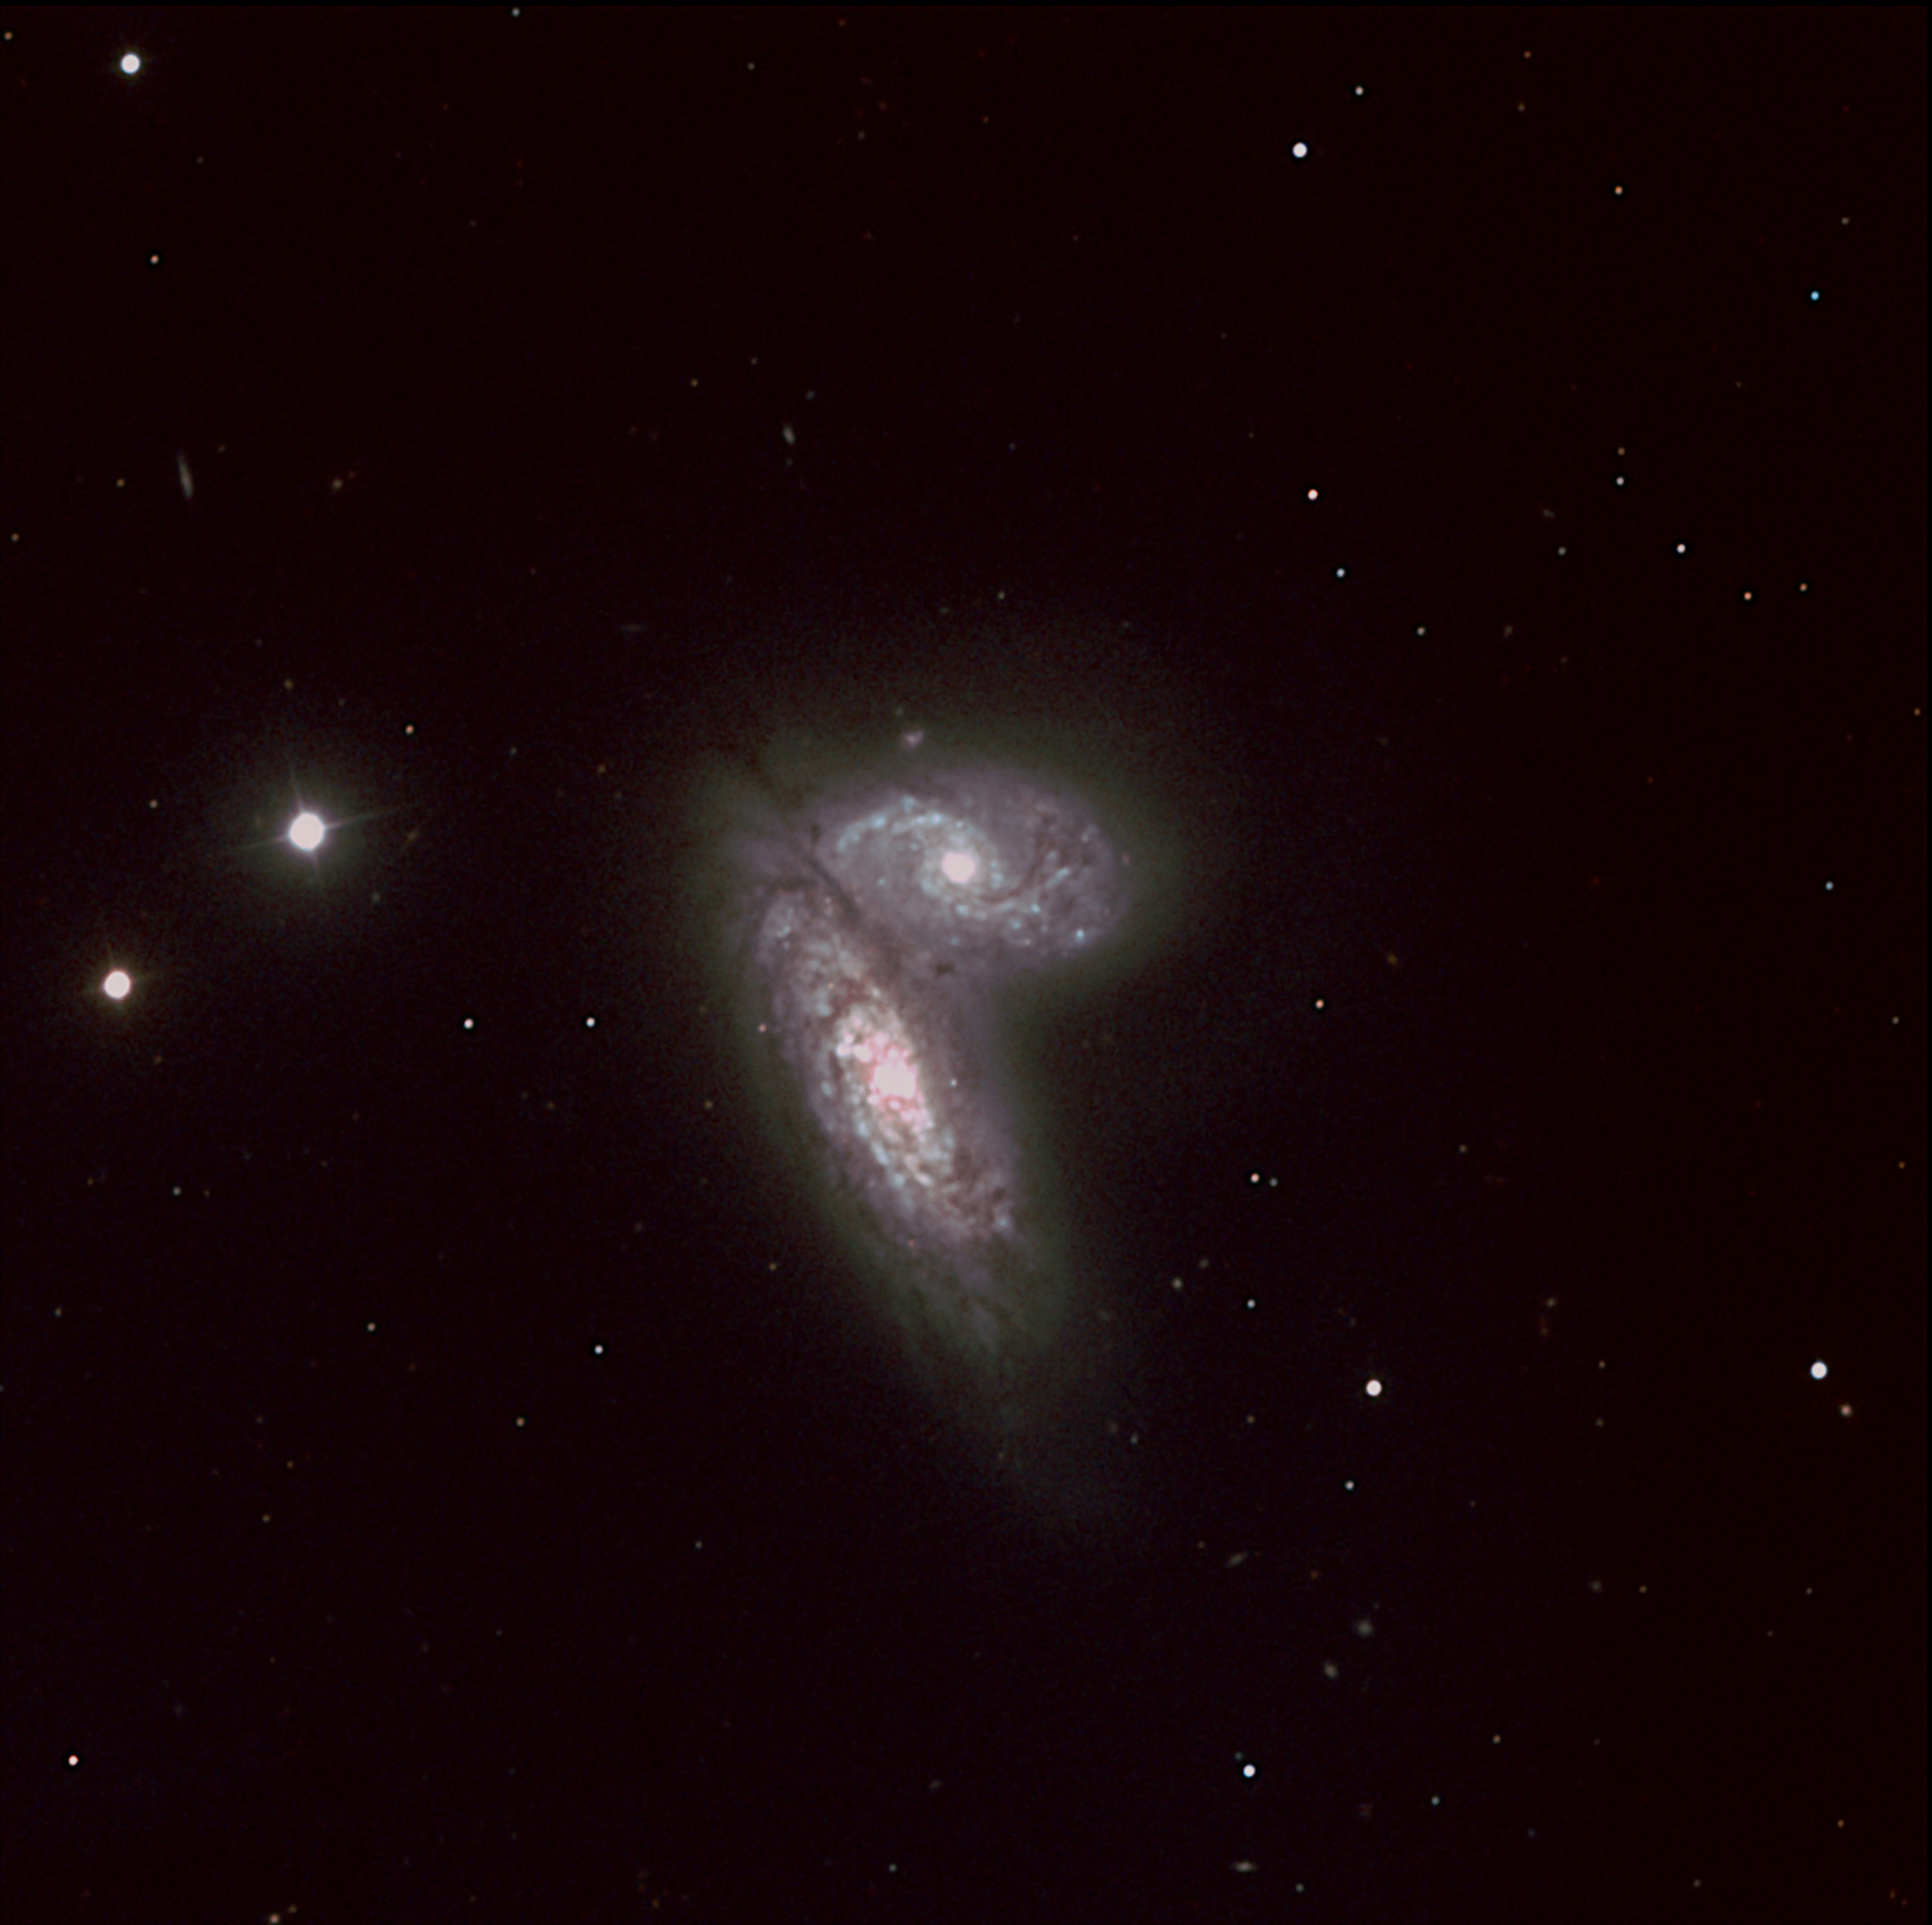 NGC4567-COMBINED-RVB-20190311.thumb.jpeg.8a04d9d8b99f872a60f90d1166d58a2c.jpeg